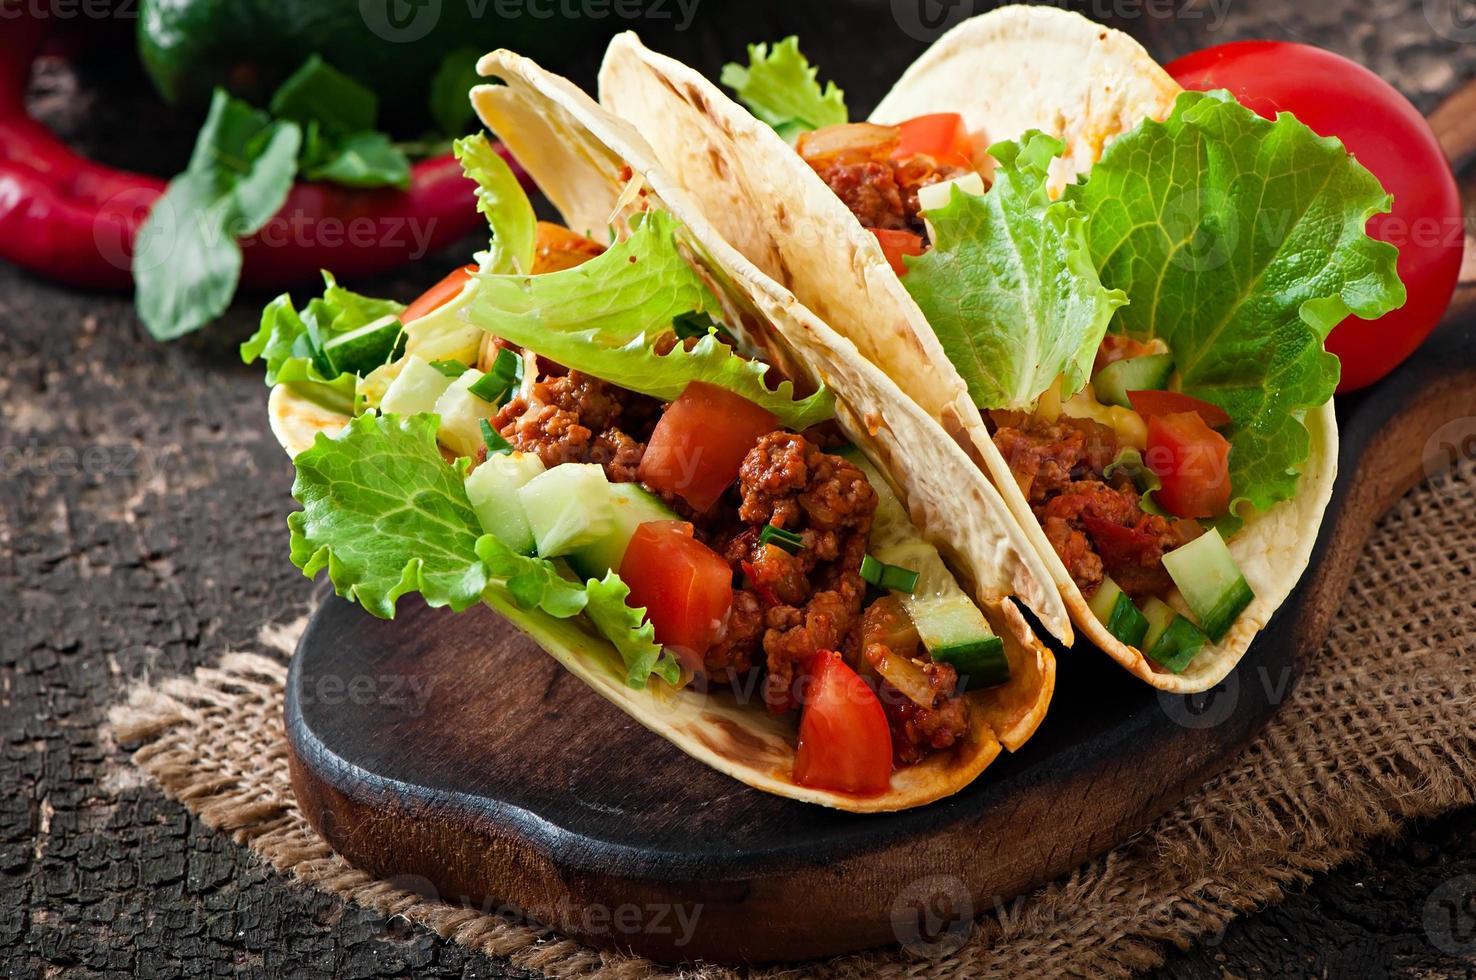 mexikanska tacos med kött, grönsaker och ost foto